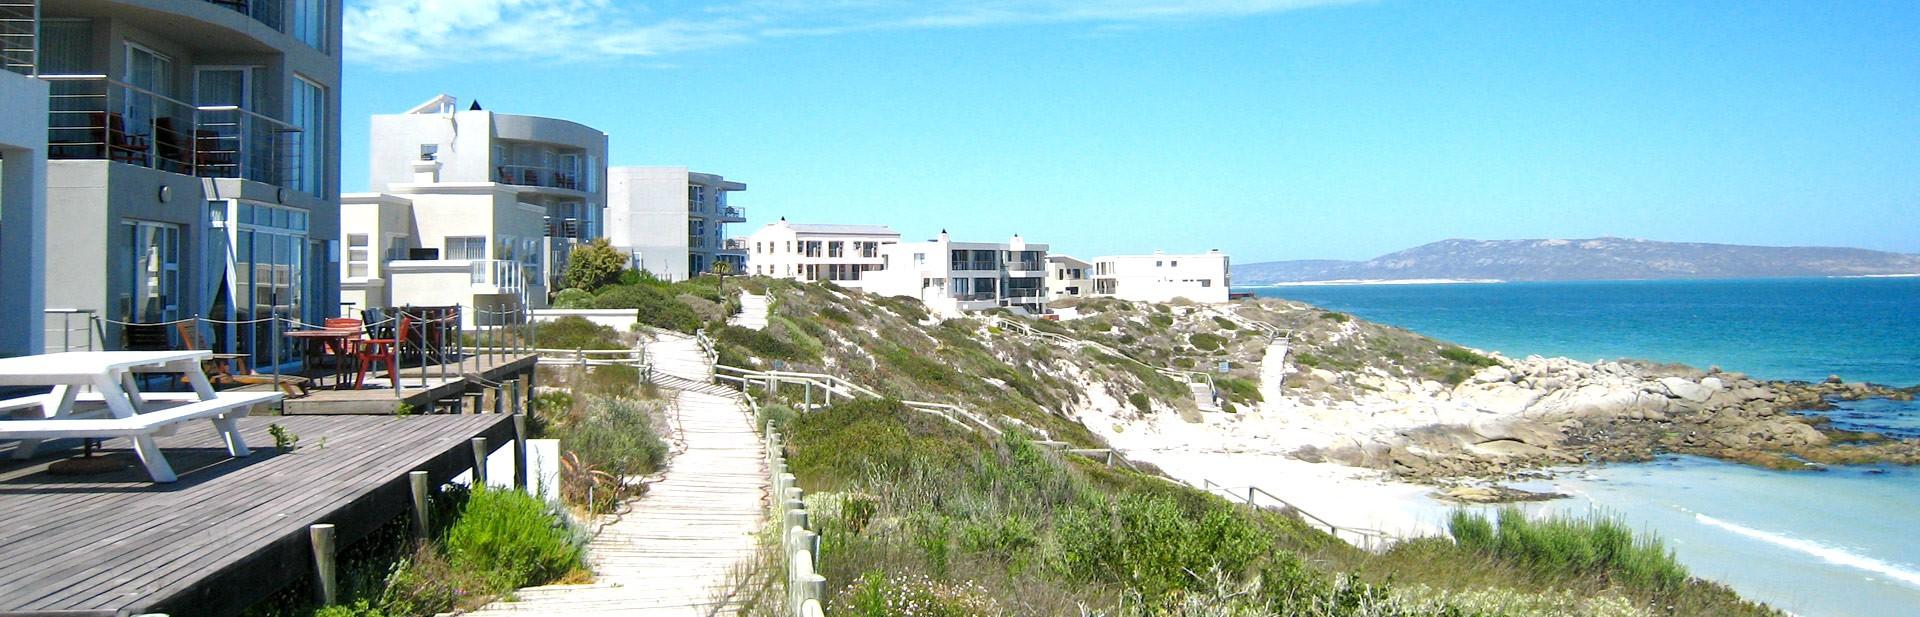 Calypso-Beach